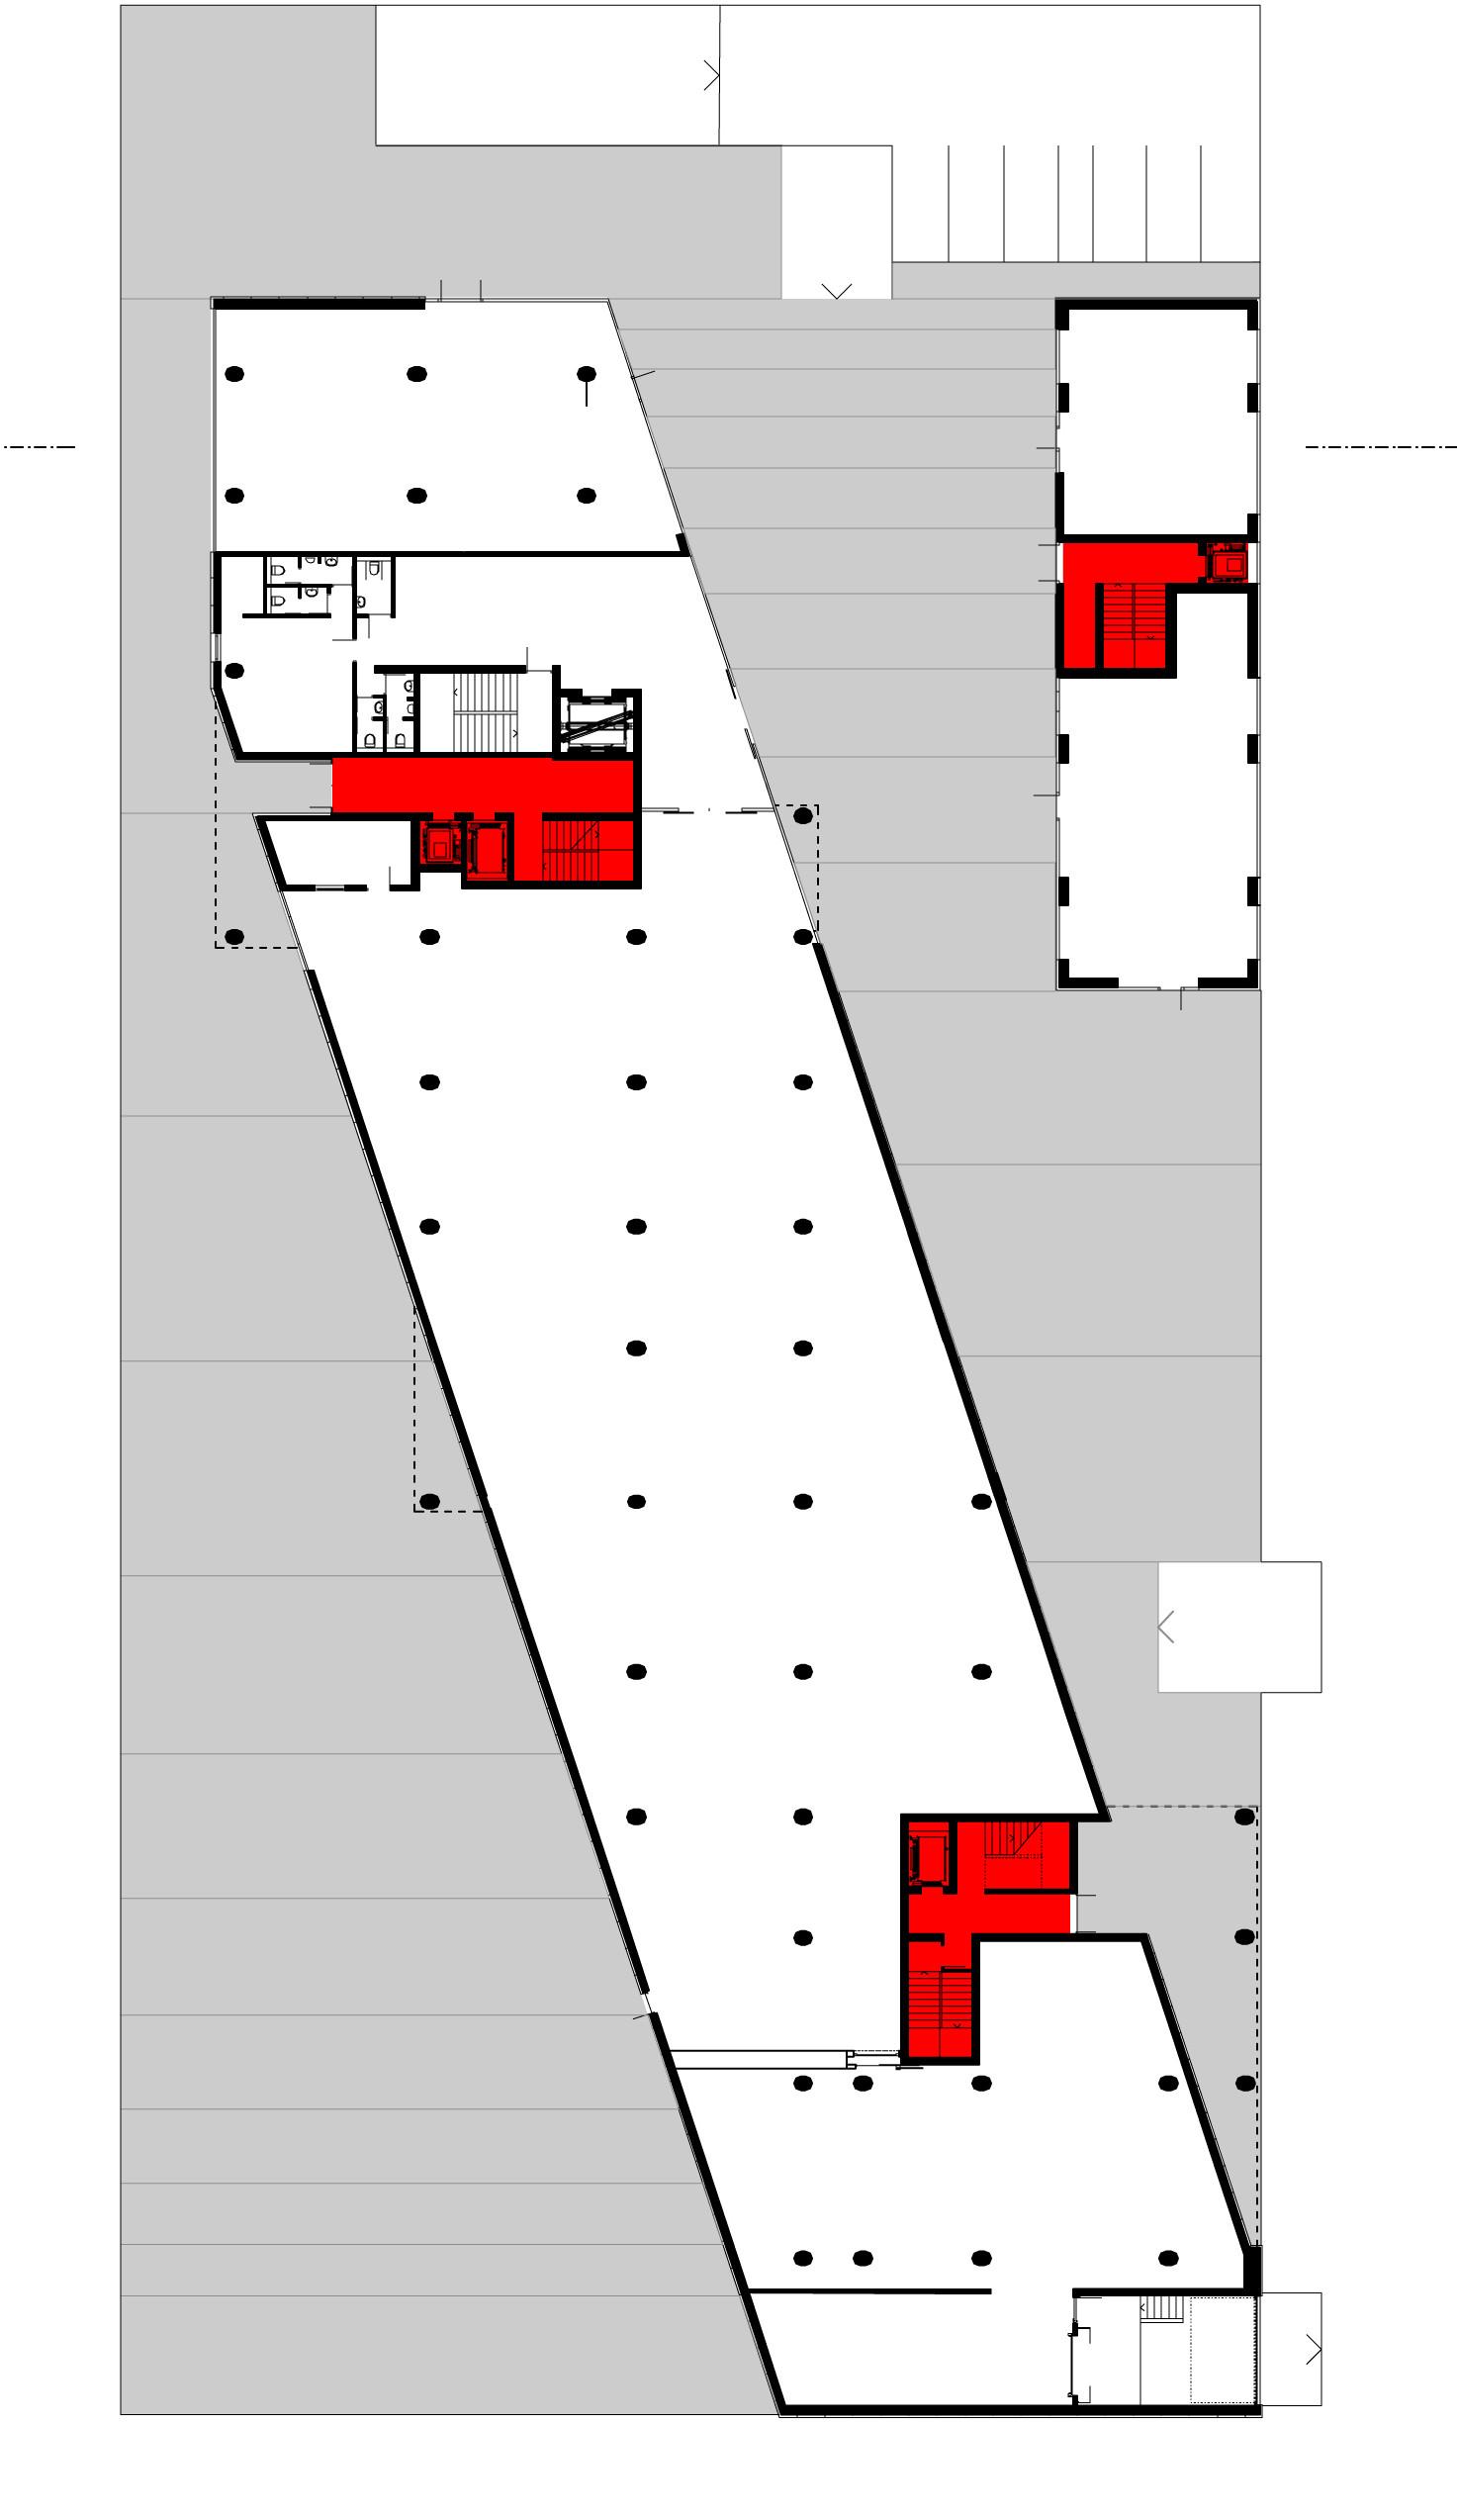 Galer 237 A De Edificio De Oficinas Y Viviendas Savica